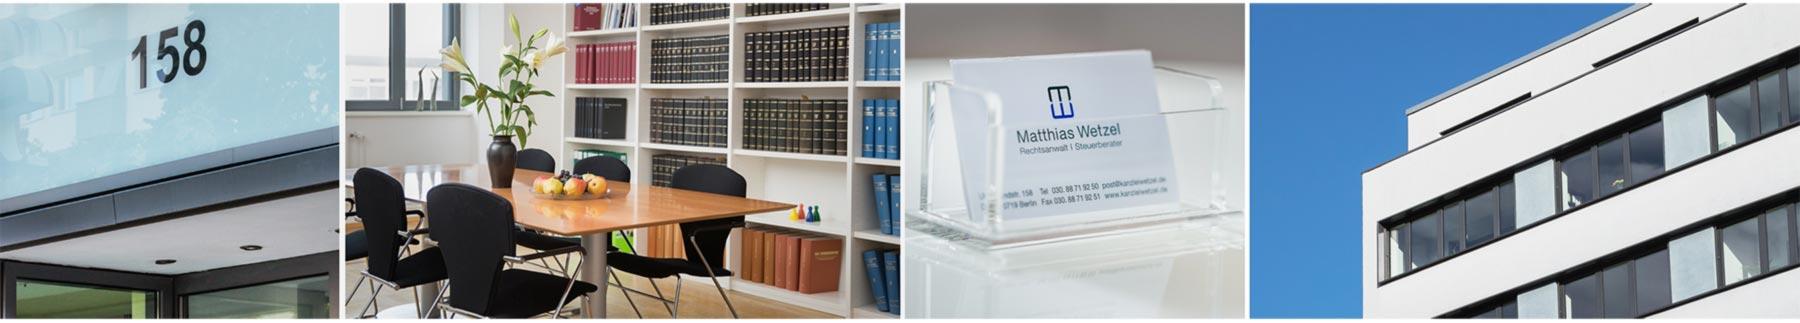 Steuerkanzlei Matthias Wetzel Bilderleiste - Kanzlei Matthias Wetzel